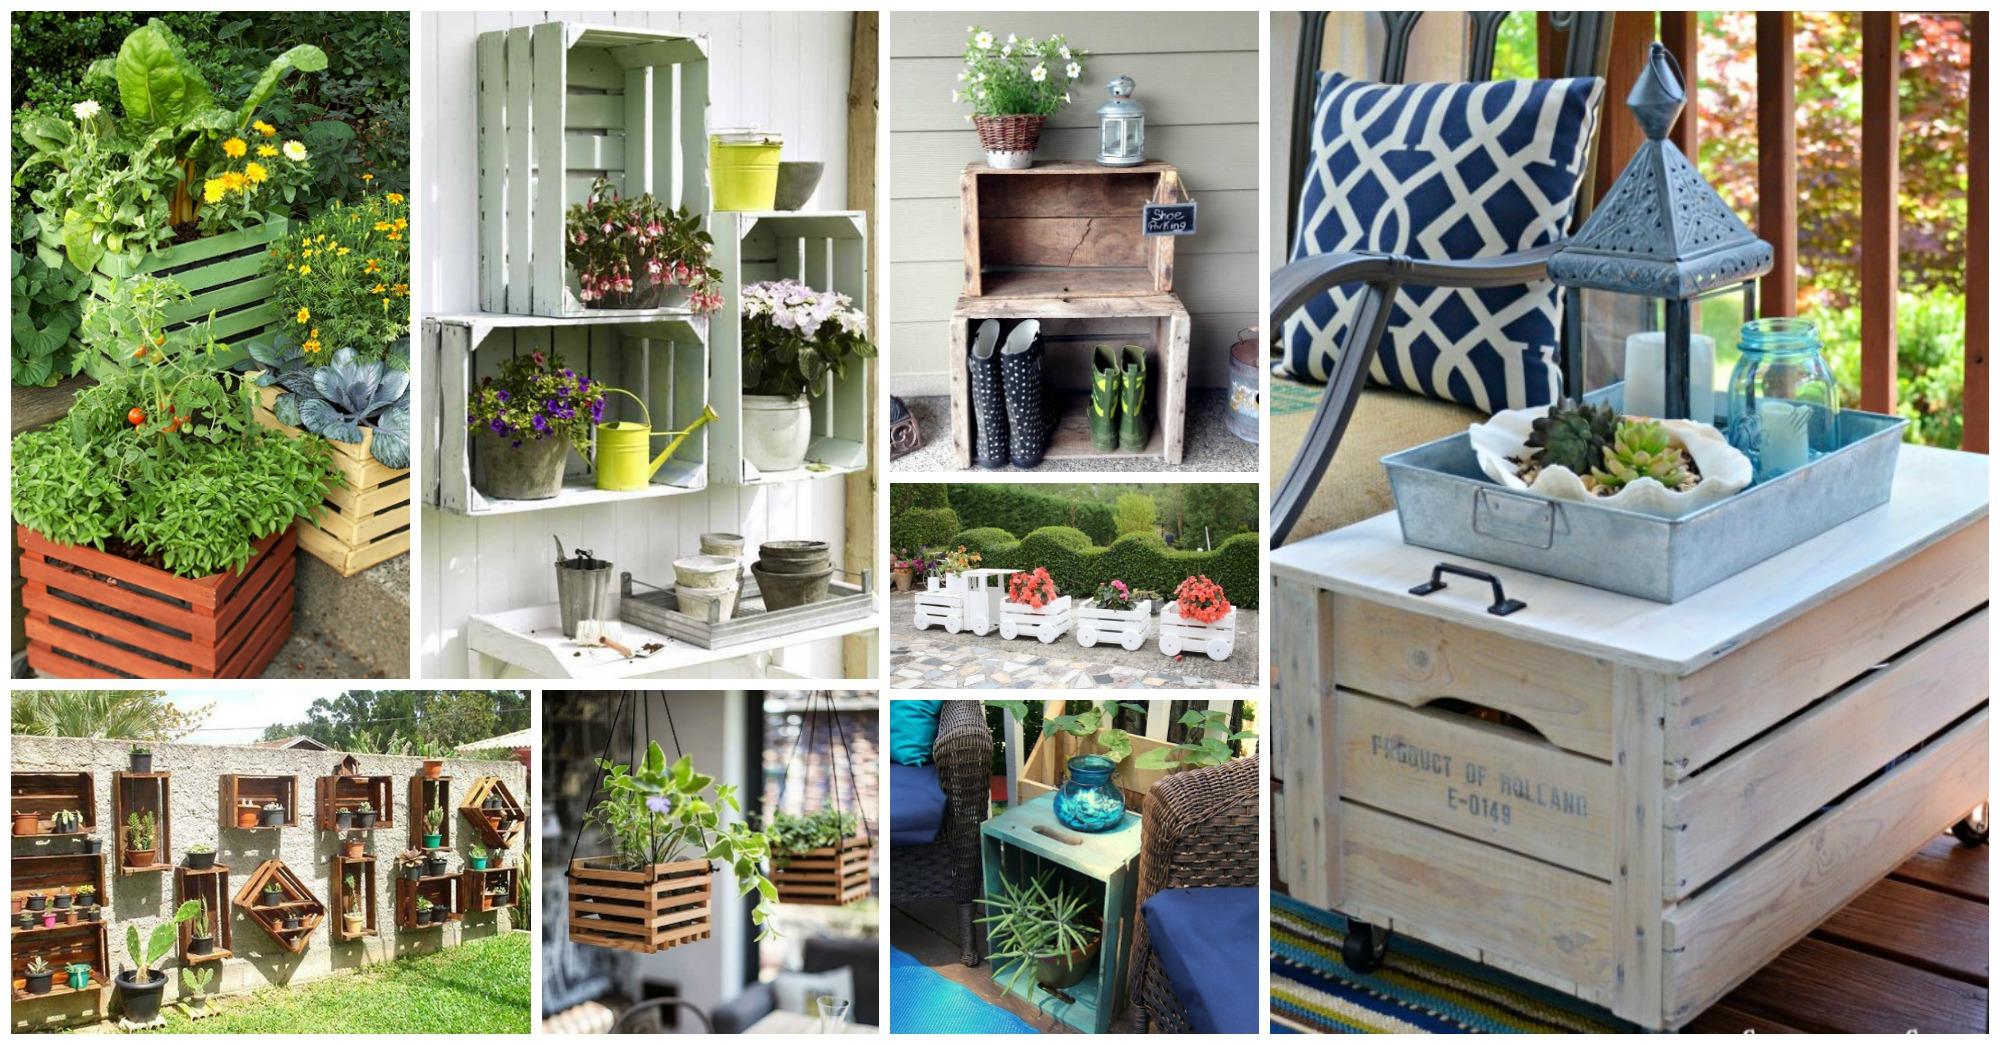 10 manualidades originales para tu patio trasero con for Como decorar mi patio con piedras